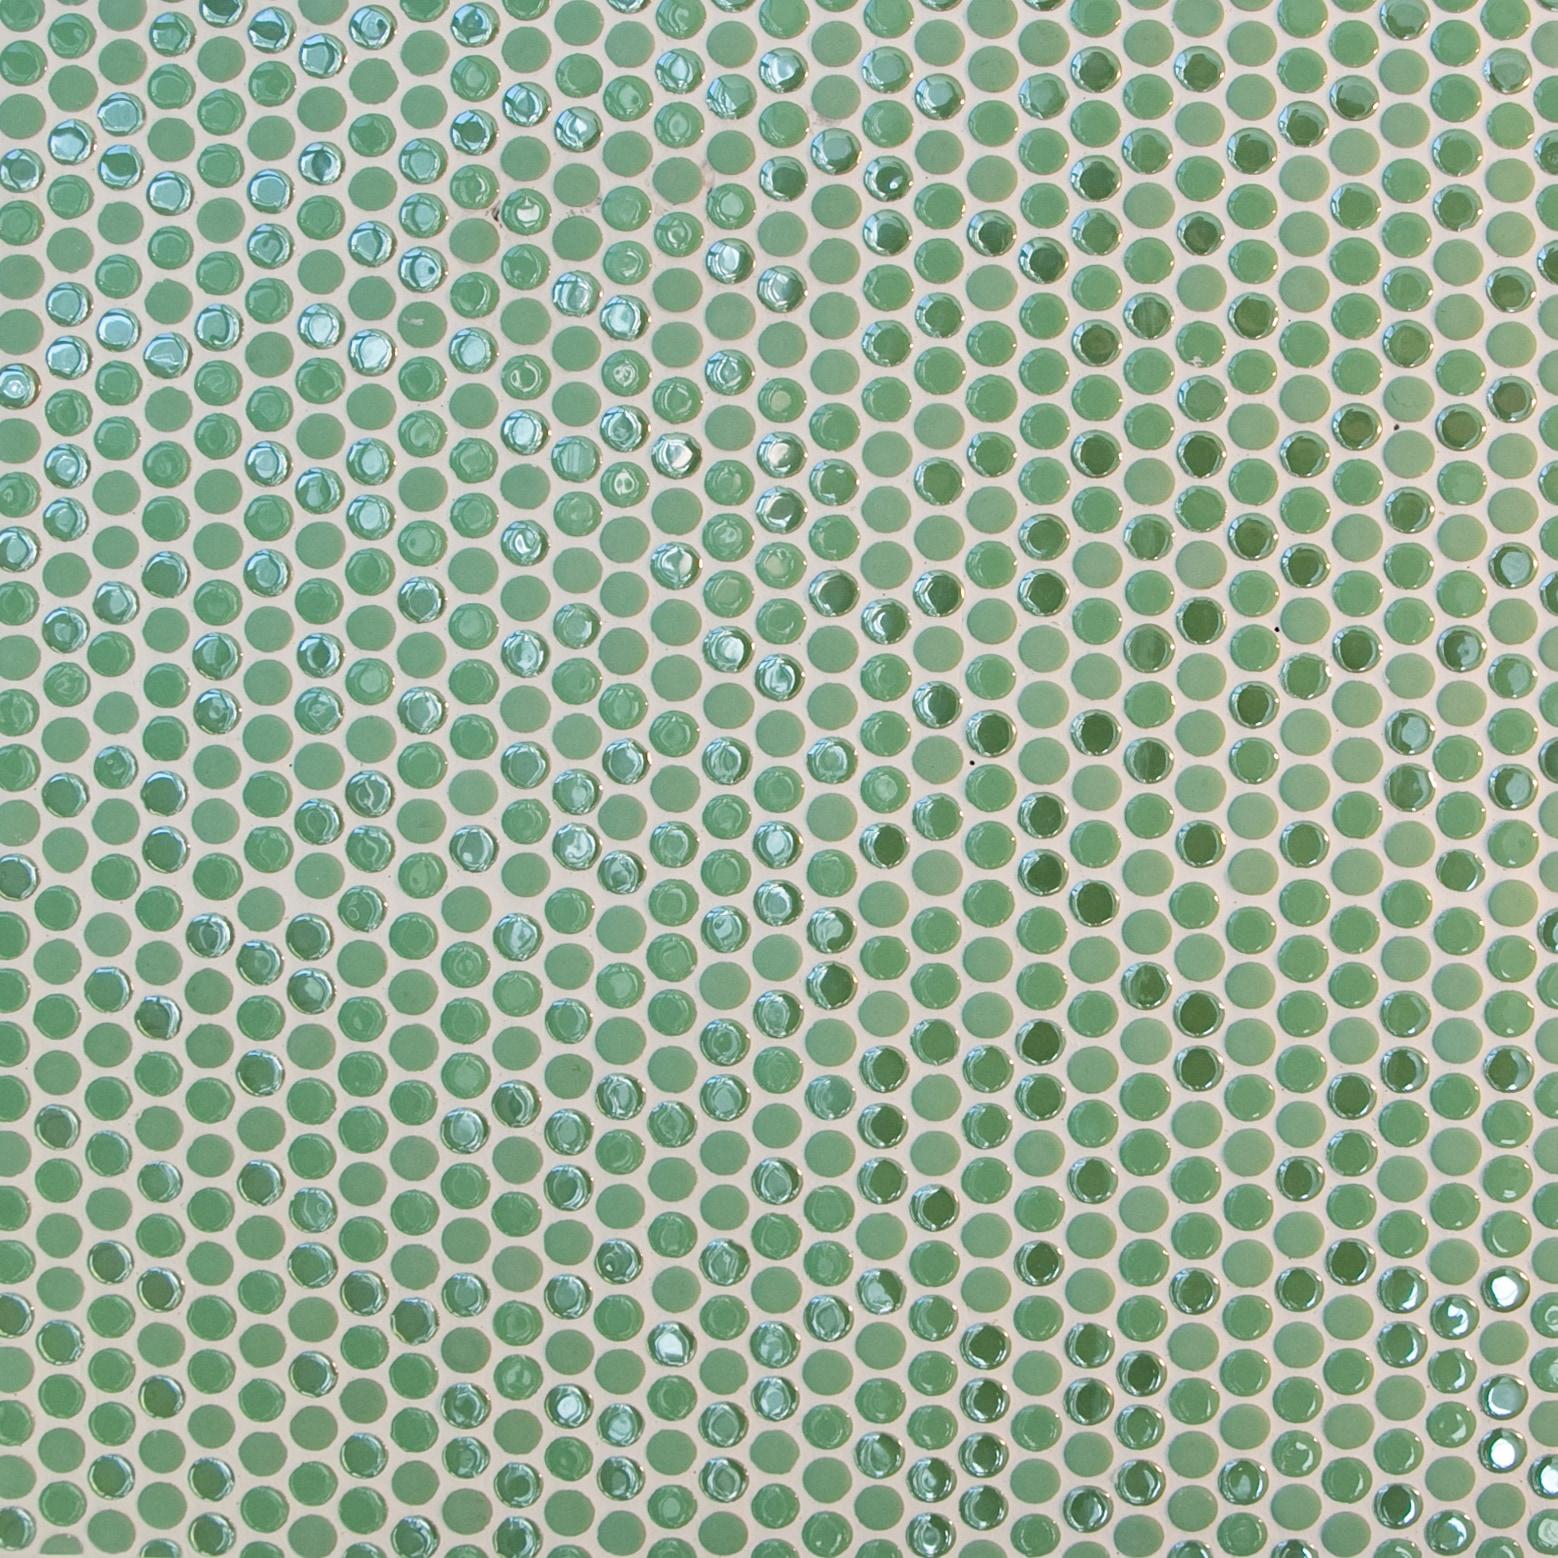 Green, small circles / Glossy and Matte Porcelain Circle Mosaics 0